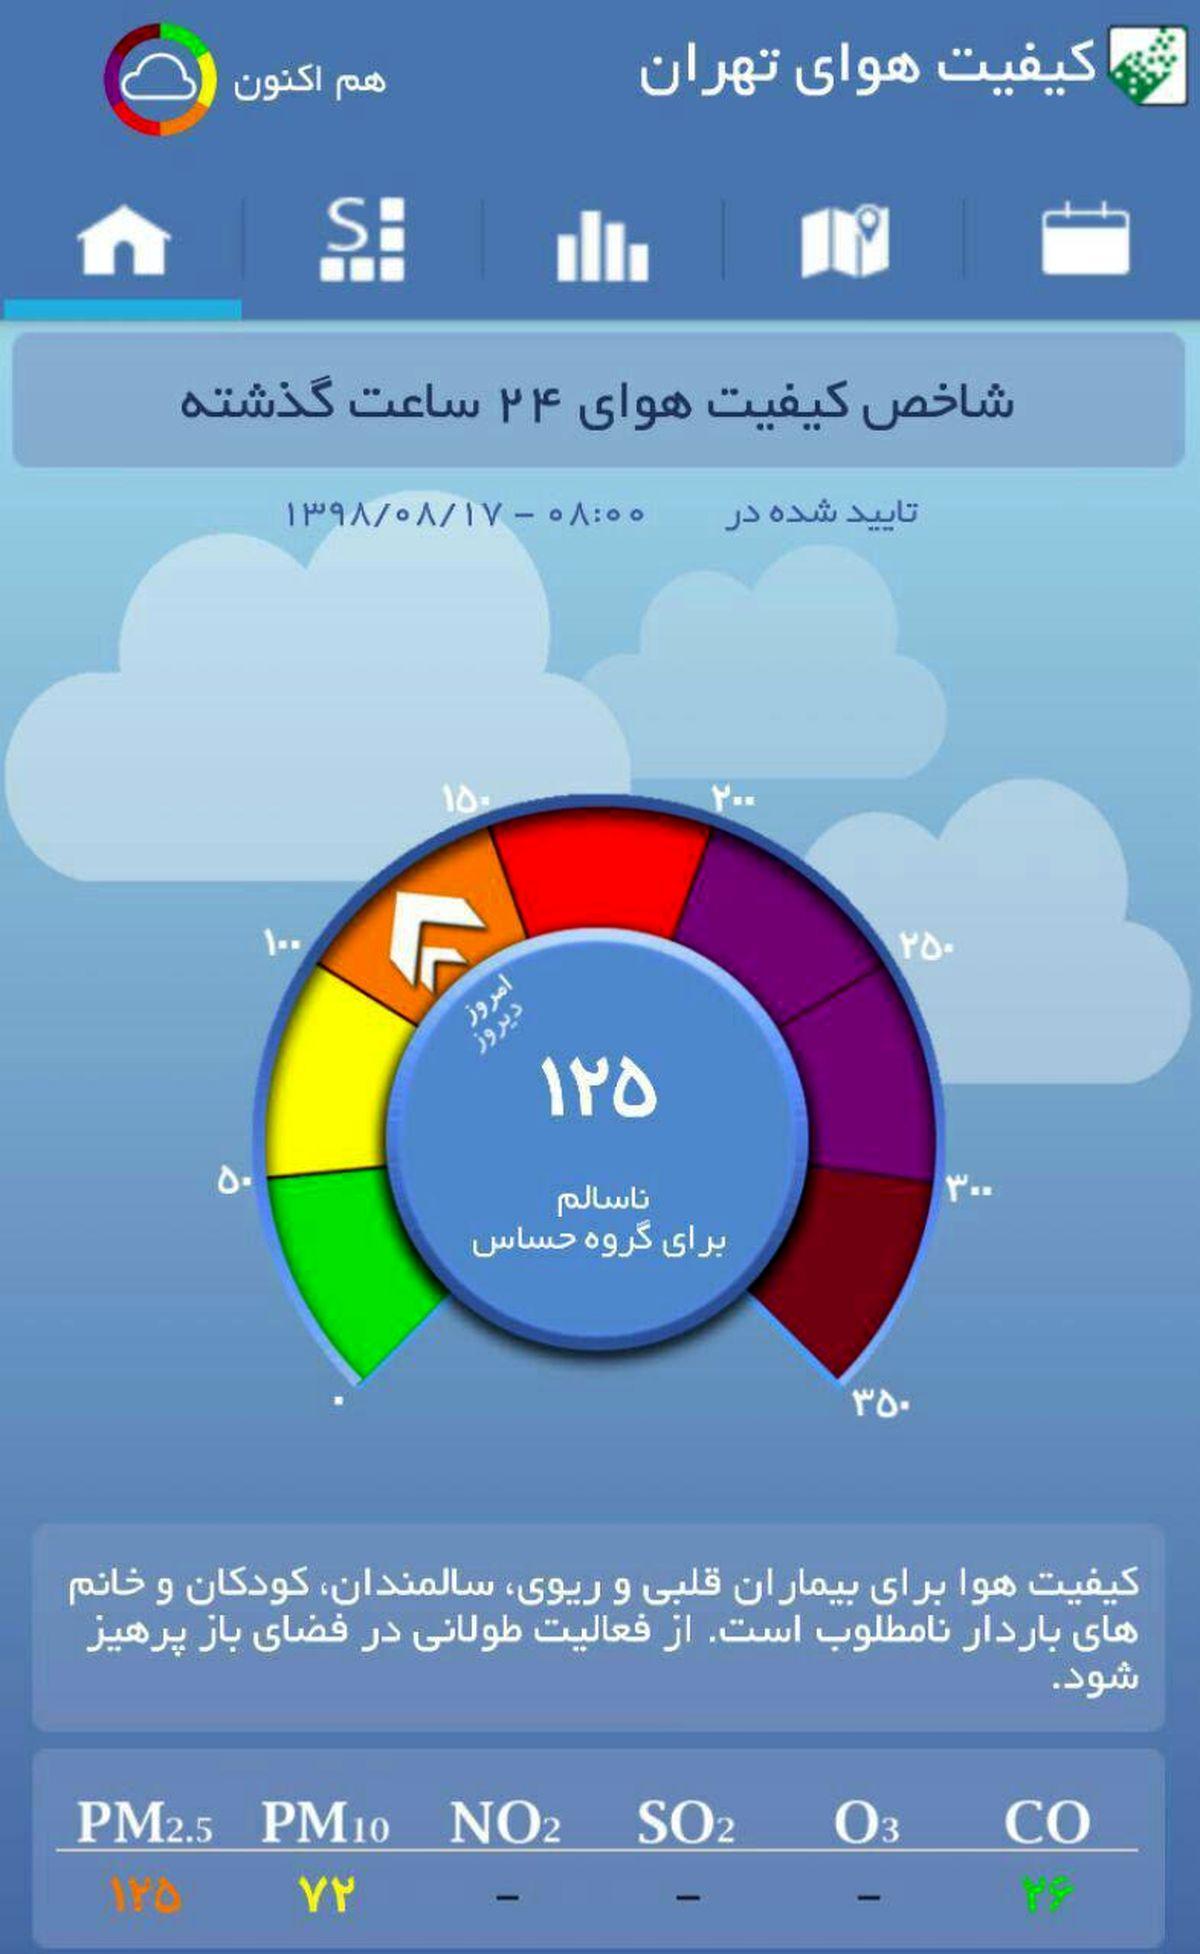 تعداد روزهای آلوده در تهران افزایش یافت